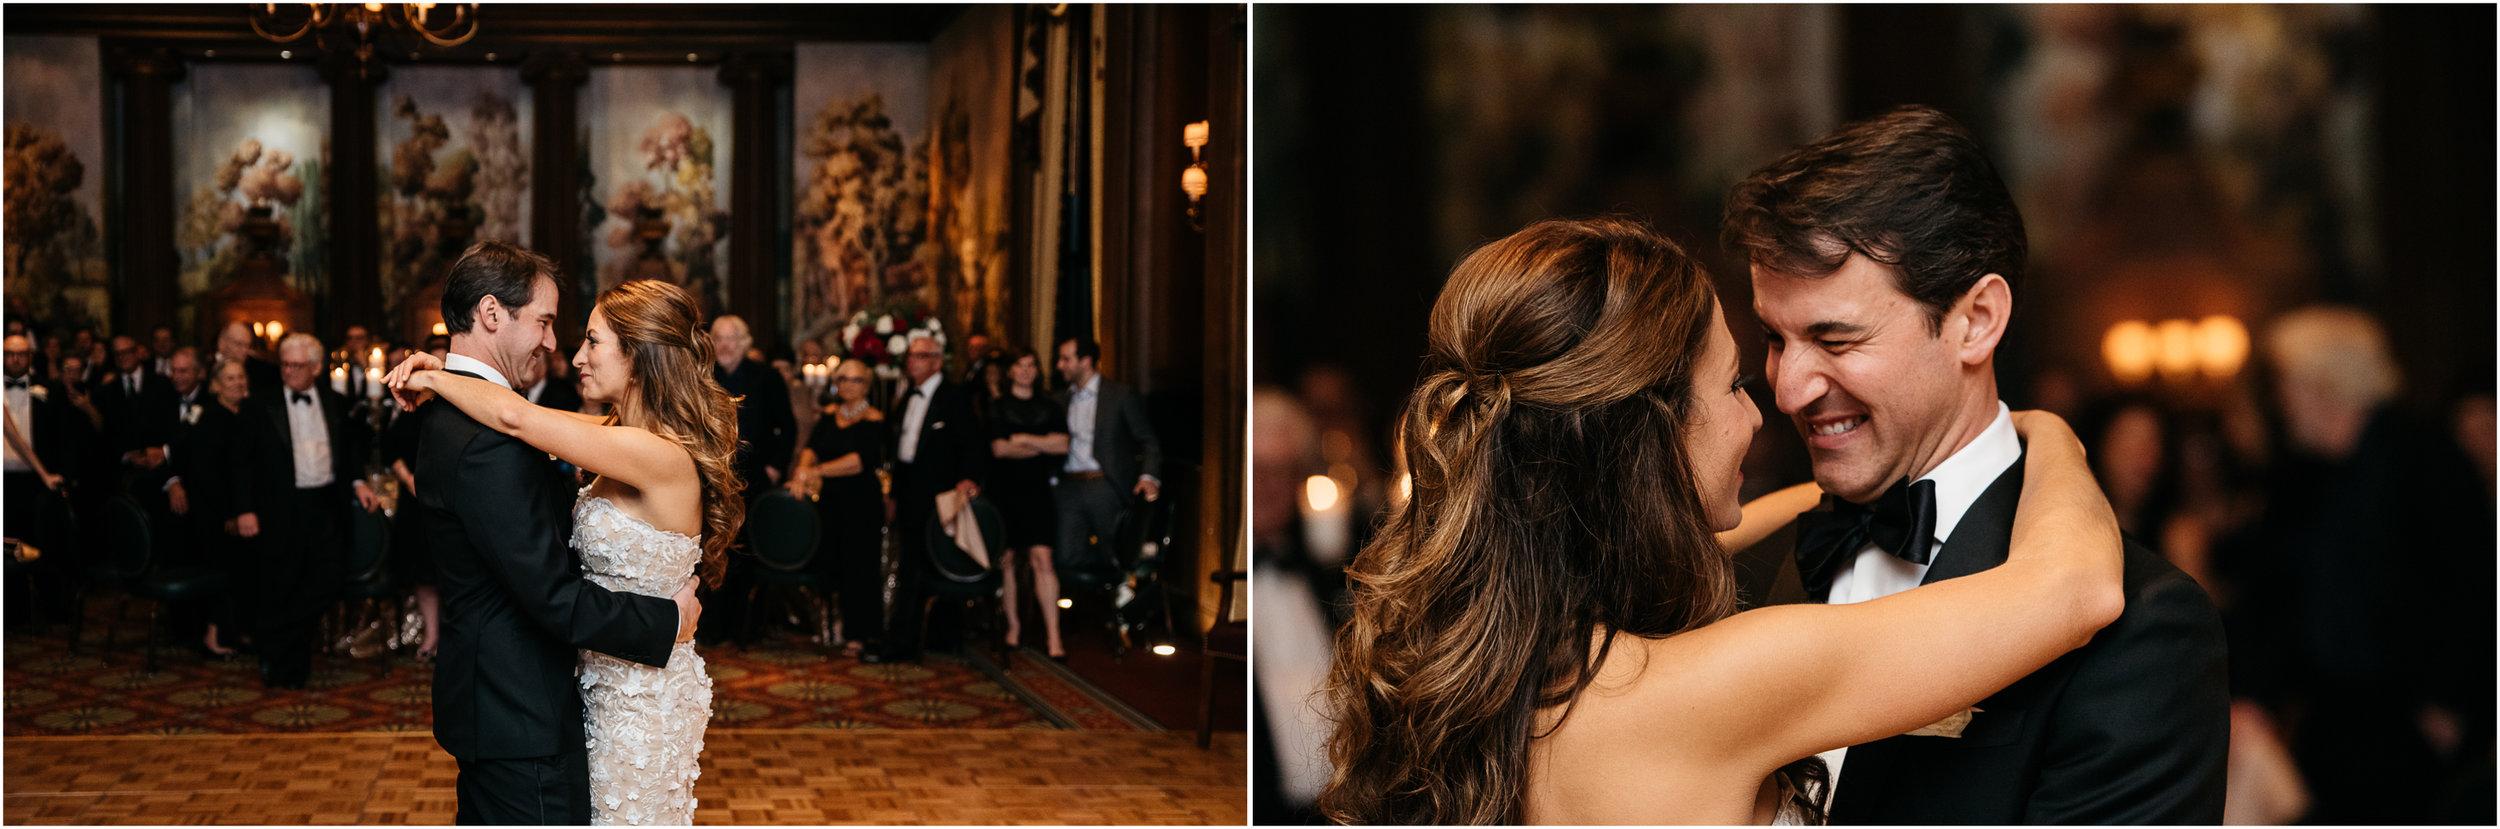 First Dance Duquesne Club Wedding.jpg